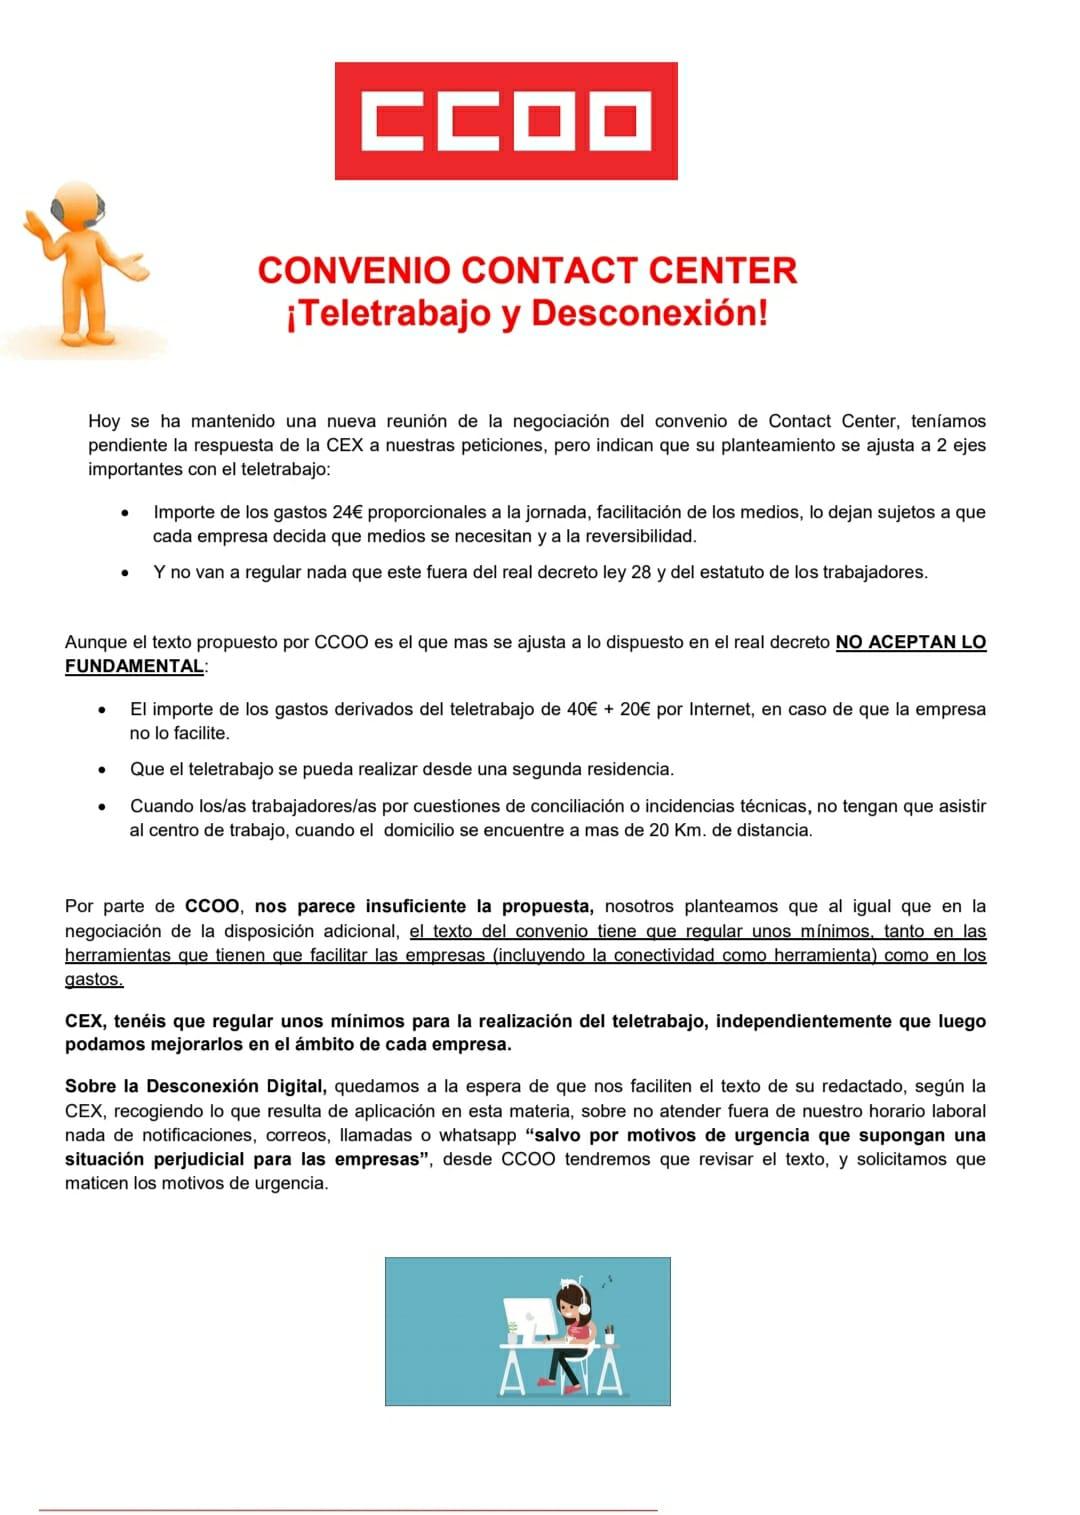 Comunicado convenio contact center